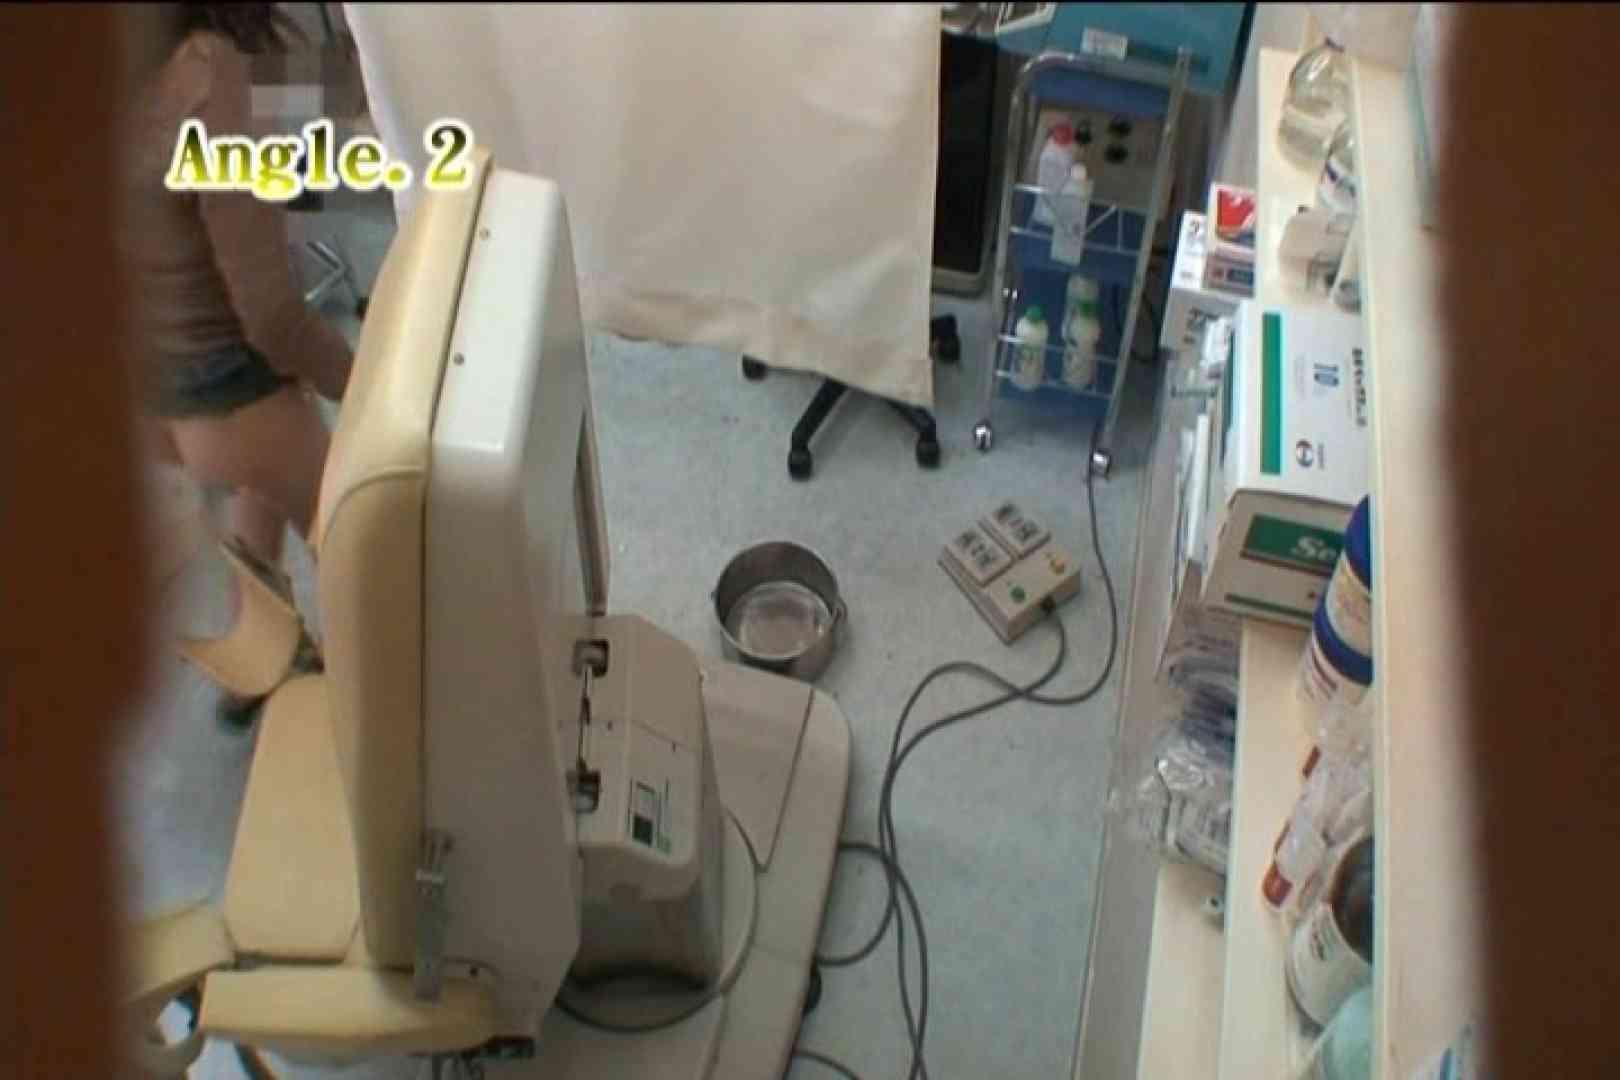 患者のおまんこをコレクションする変態医師の流出映像Vol.2 おまんこ無修正 エロ無料画像 86画像 23